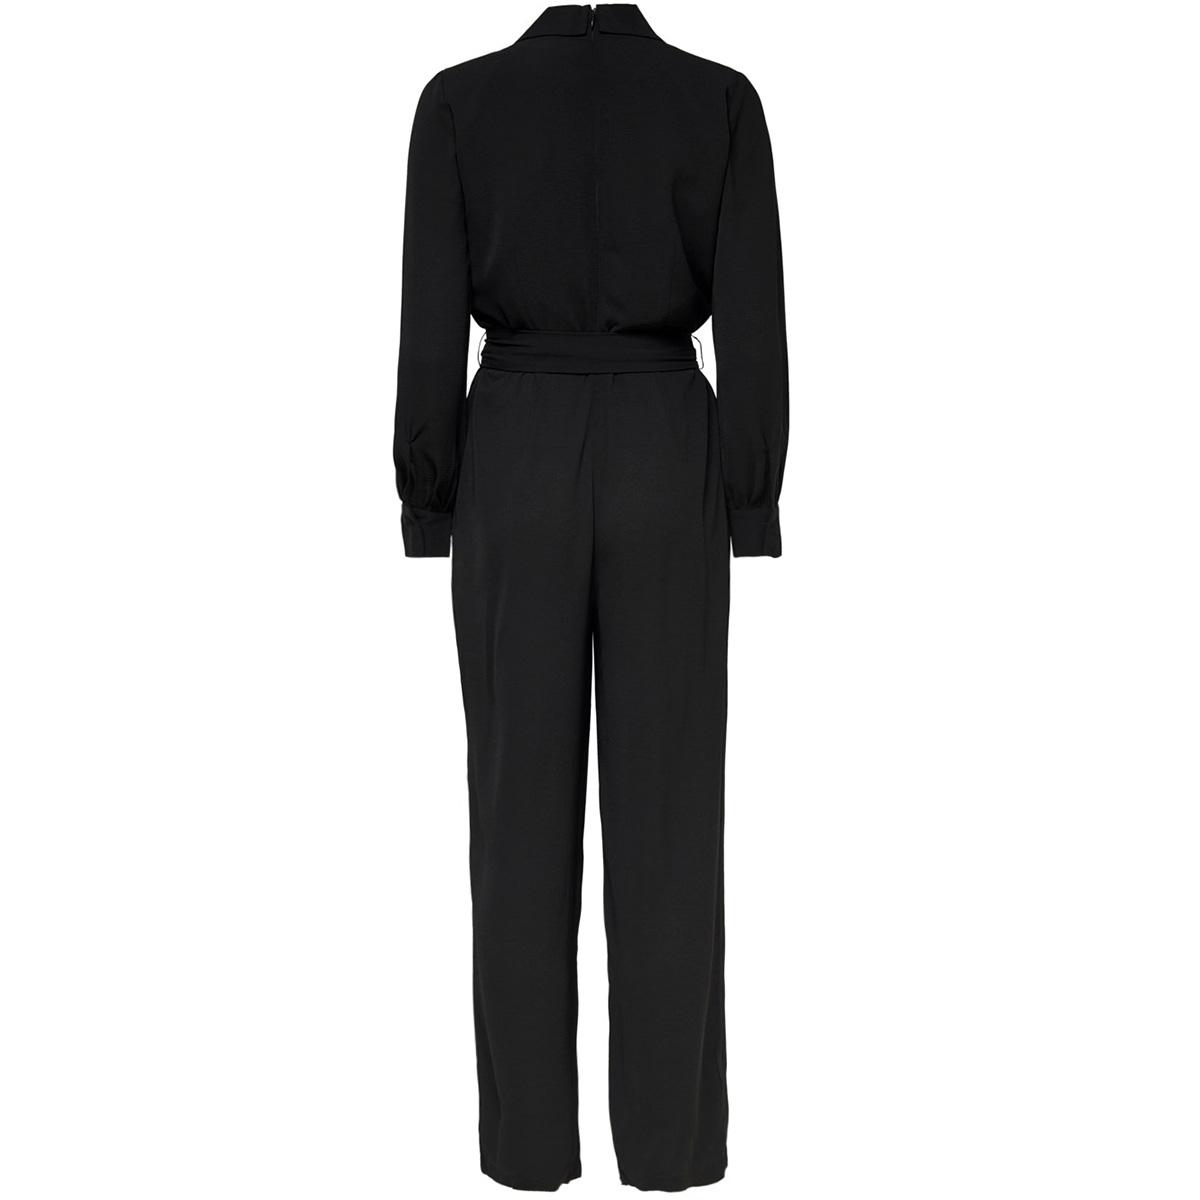 onltalia-mone  l/s jumpsuit pnt 15187651 only jumpsuit black